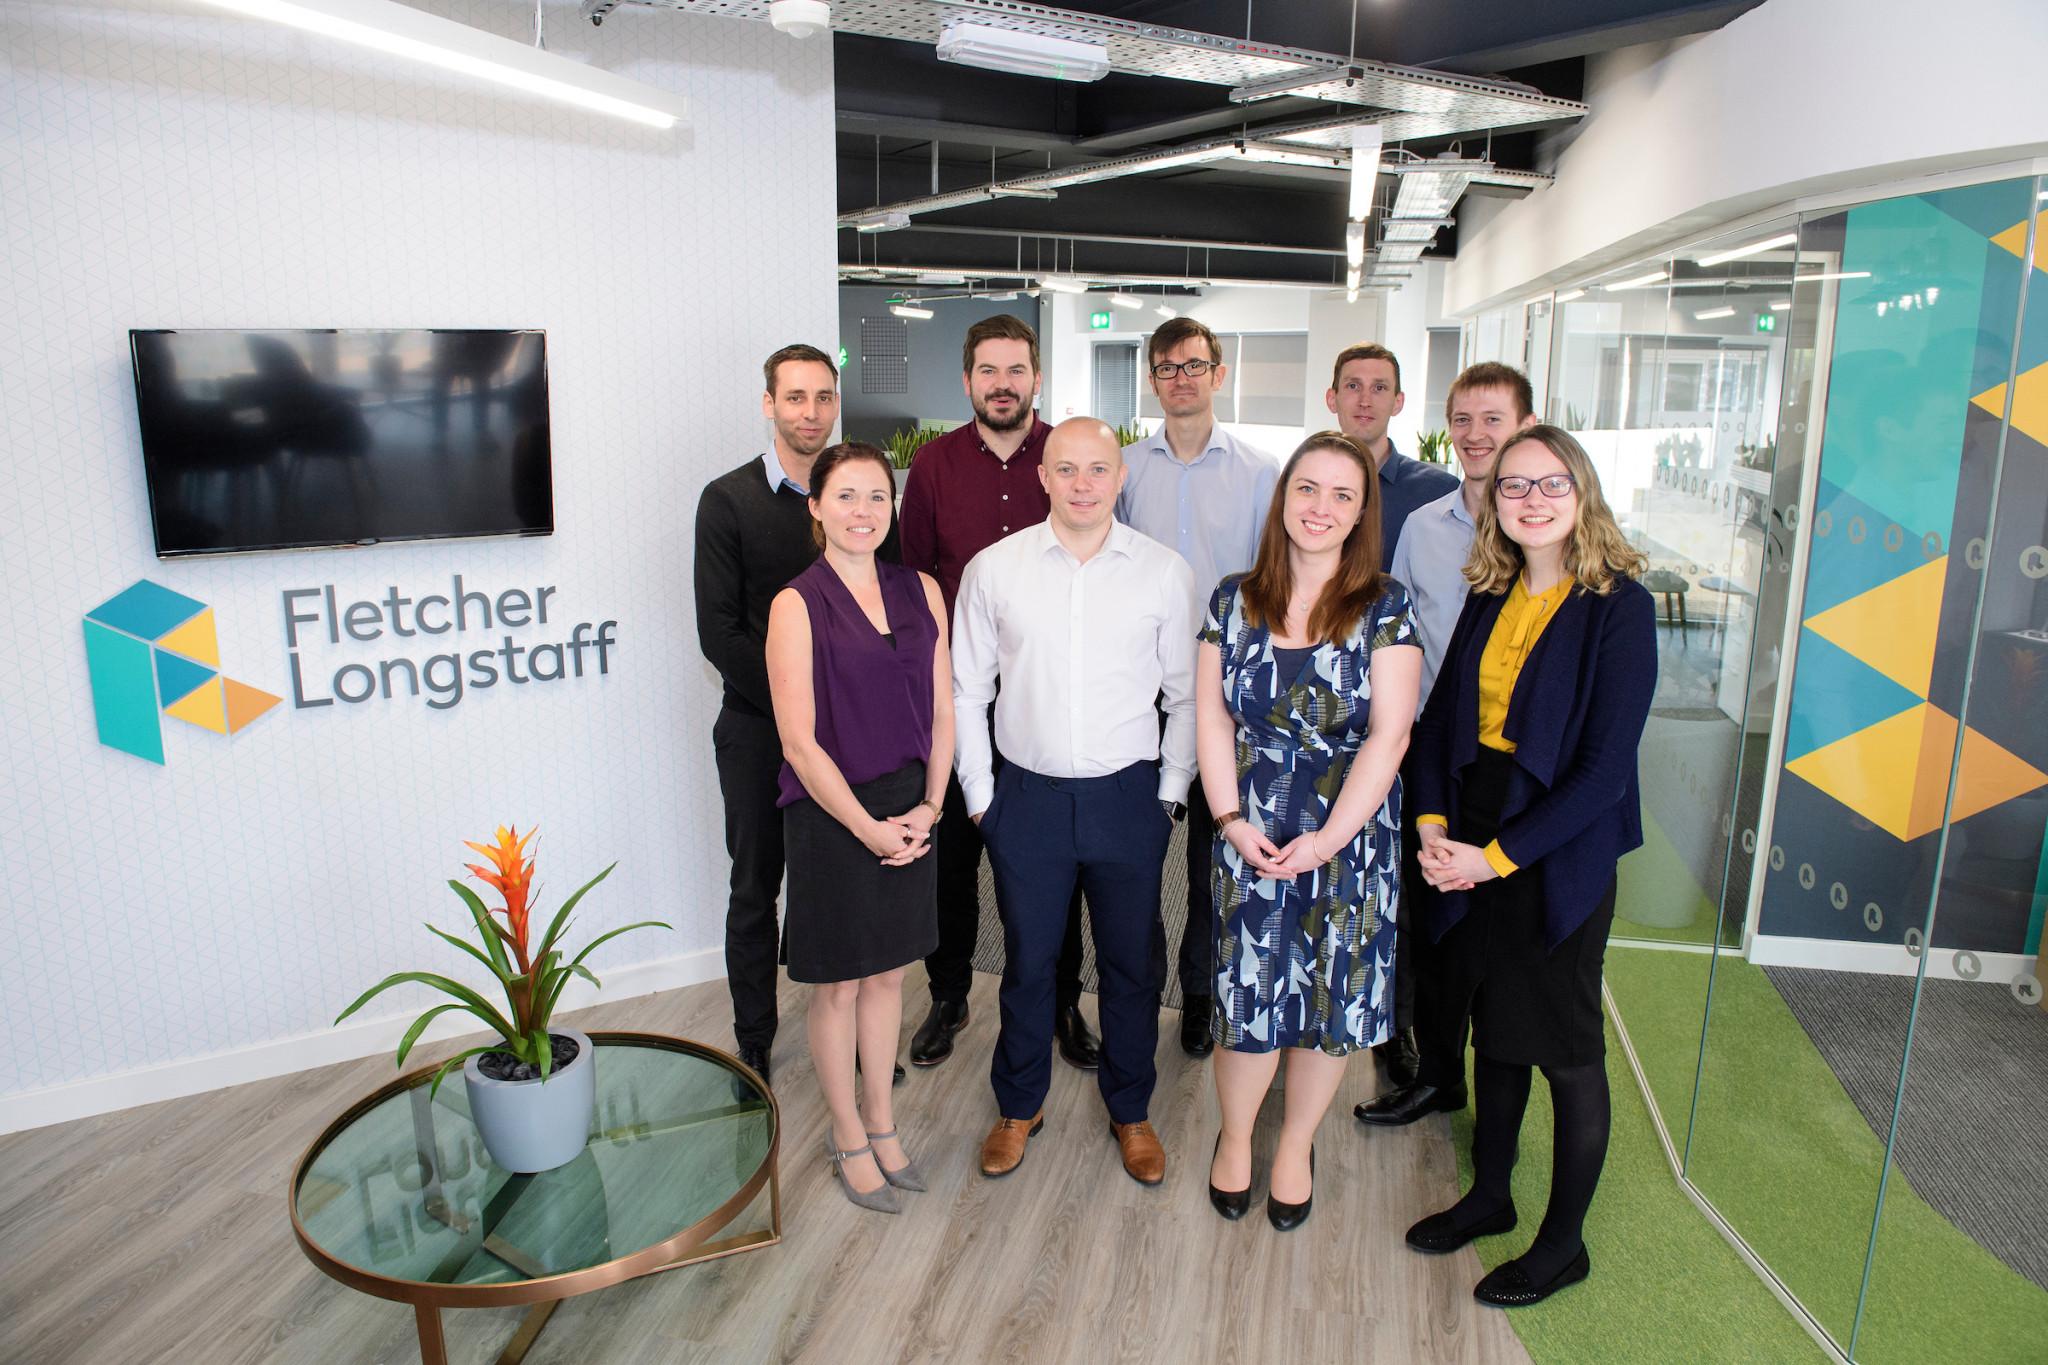 Conveyancing Firm Fletcher Longstaff Reach Top Trustpilot Position